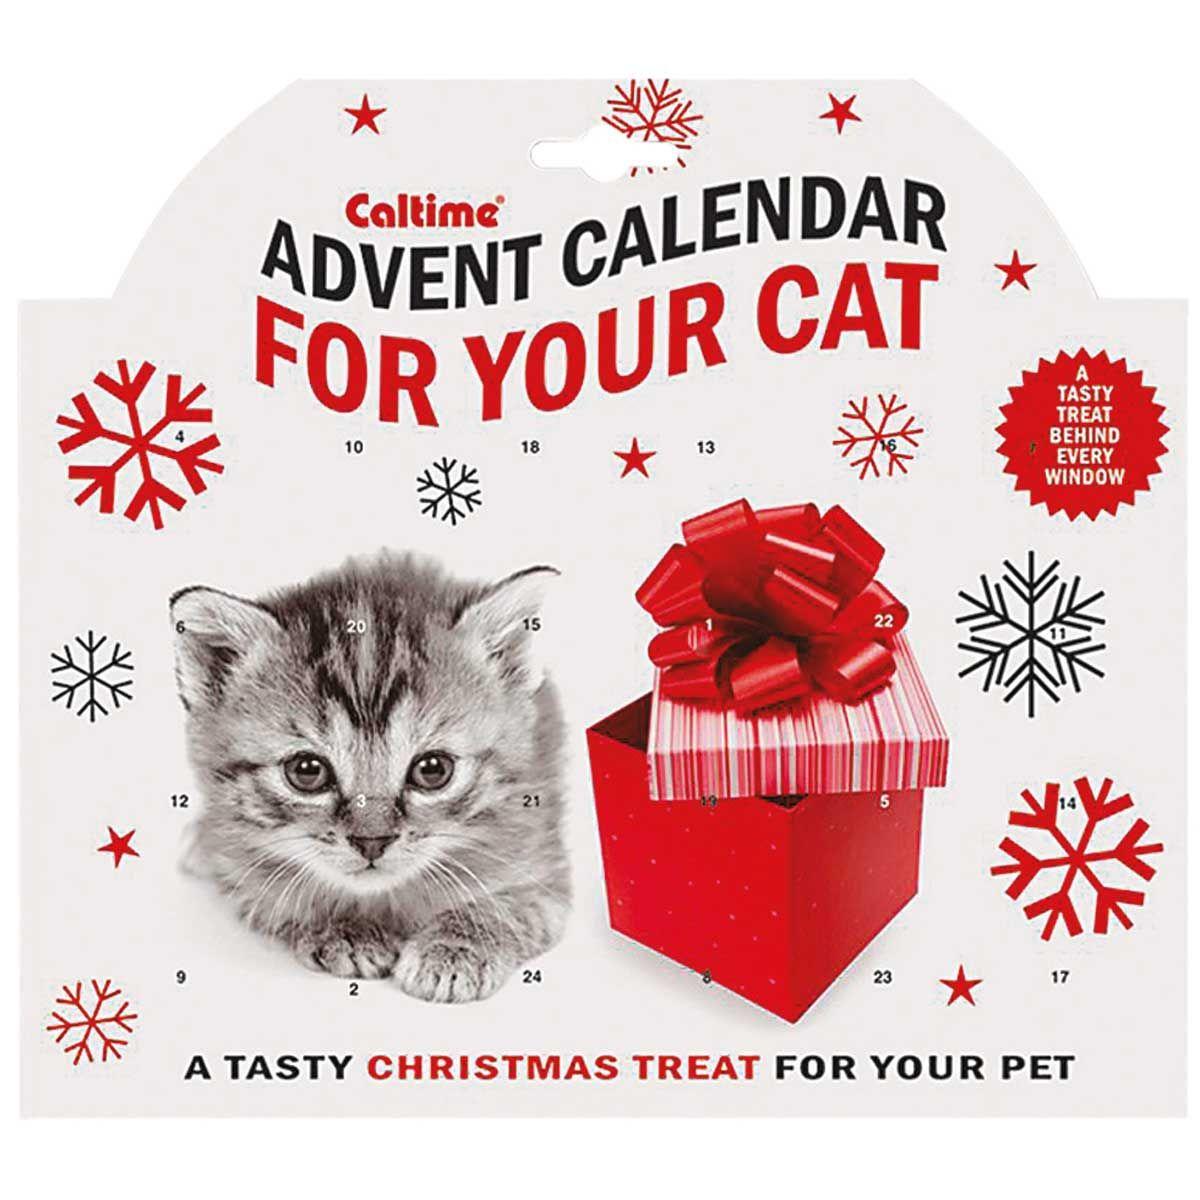 Cat Advent Calendar Pet Gifts From Pdsa Shop Cat Advent Calendar Pet Gifts Happy Animals